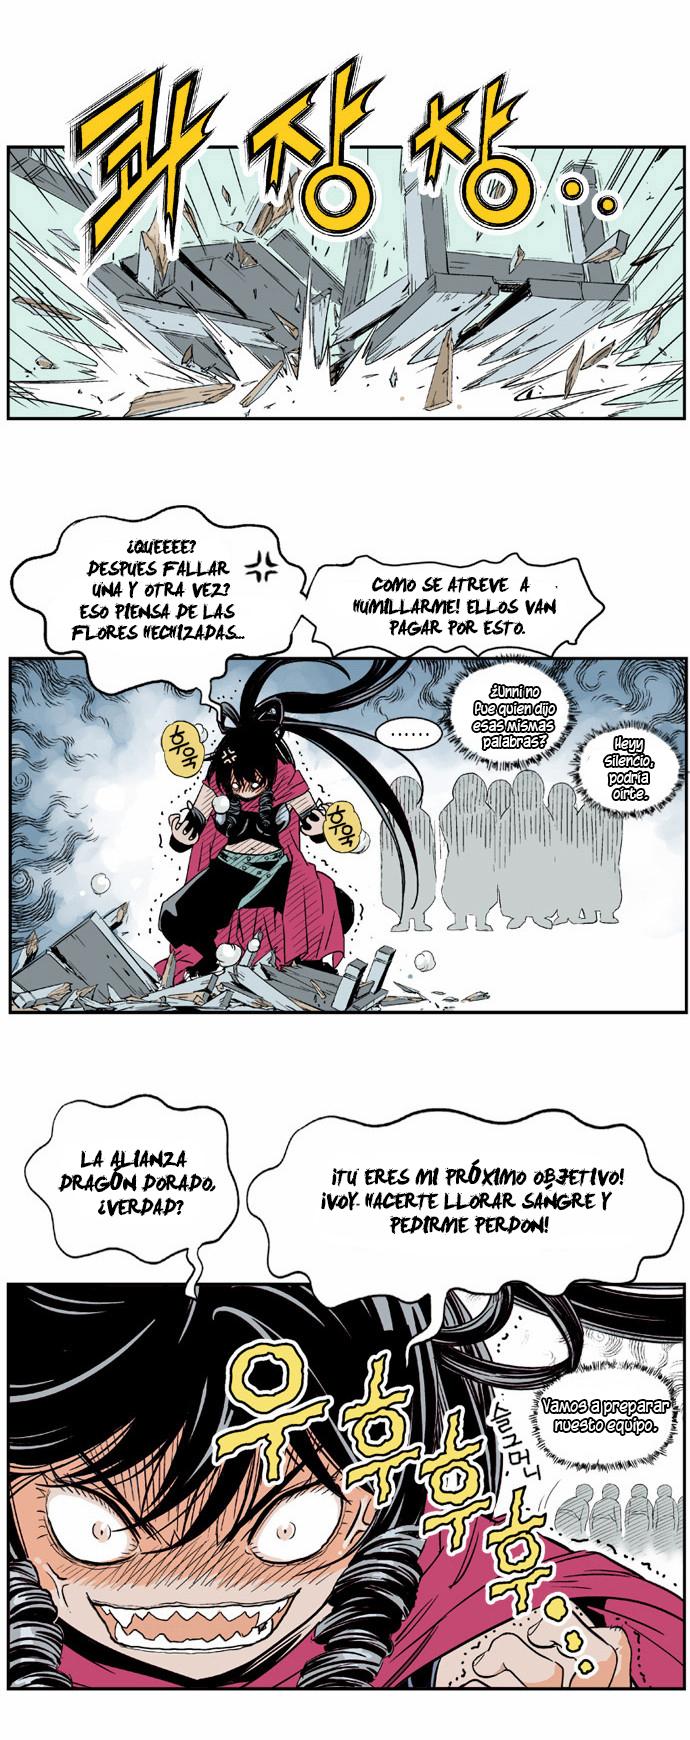 https://c5.ninemanga.com/es_manga/9/18249/431702/6eaac84b8b1cdbb855bdad02f8faa344.jpg Page 10